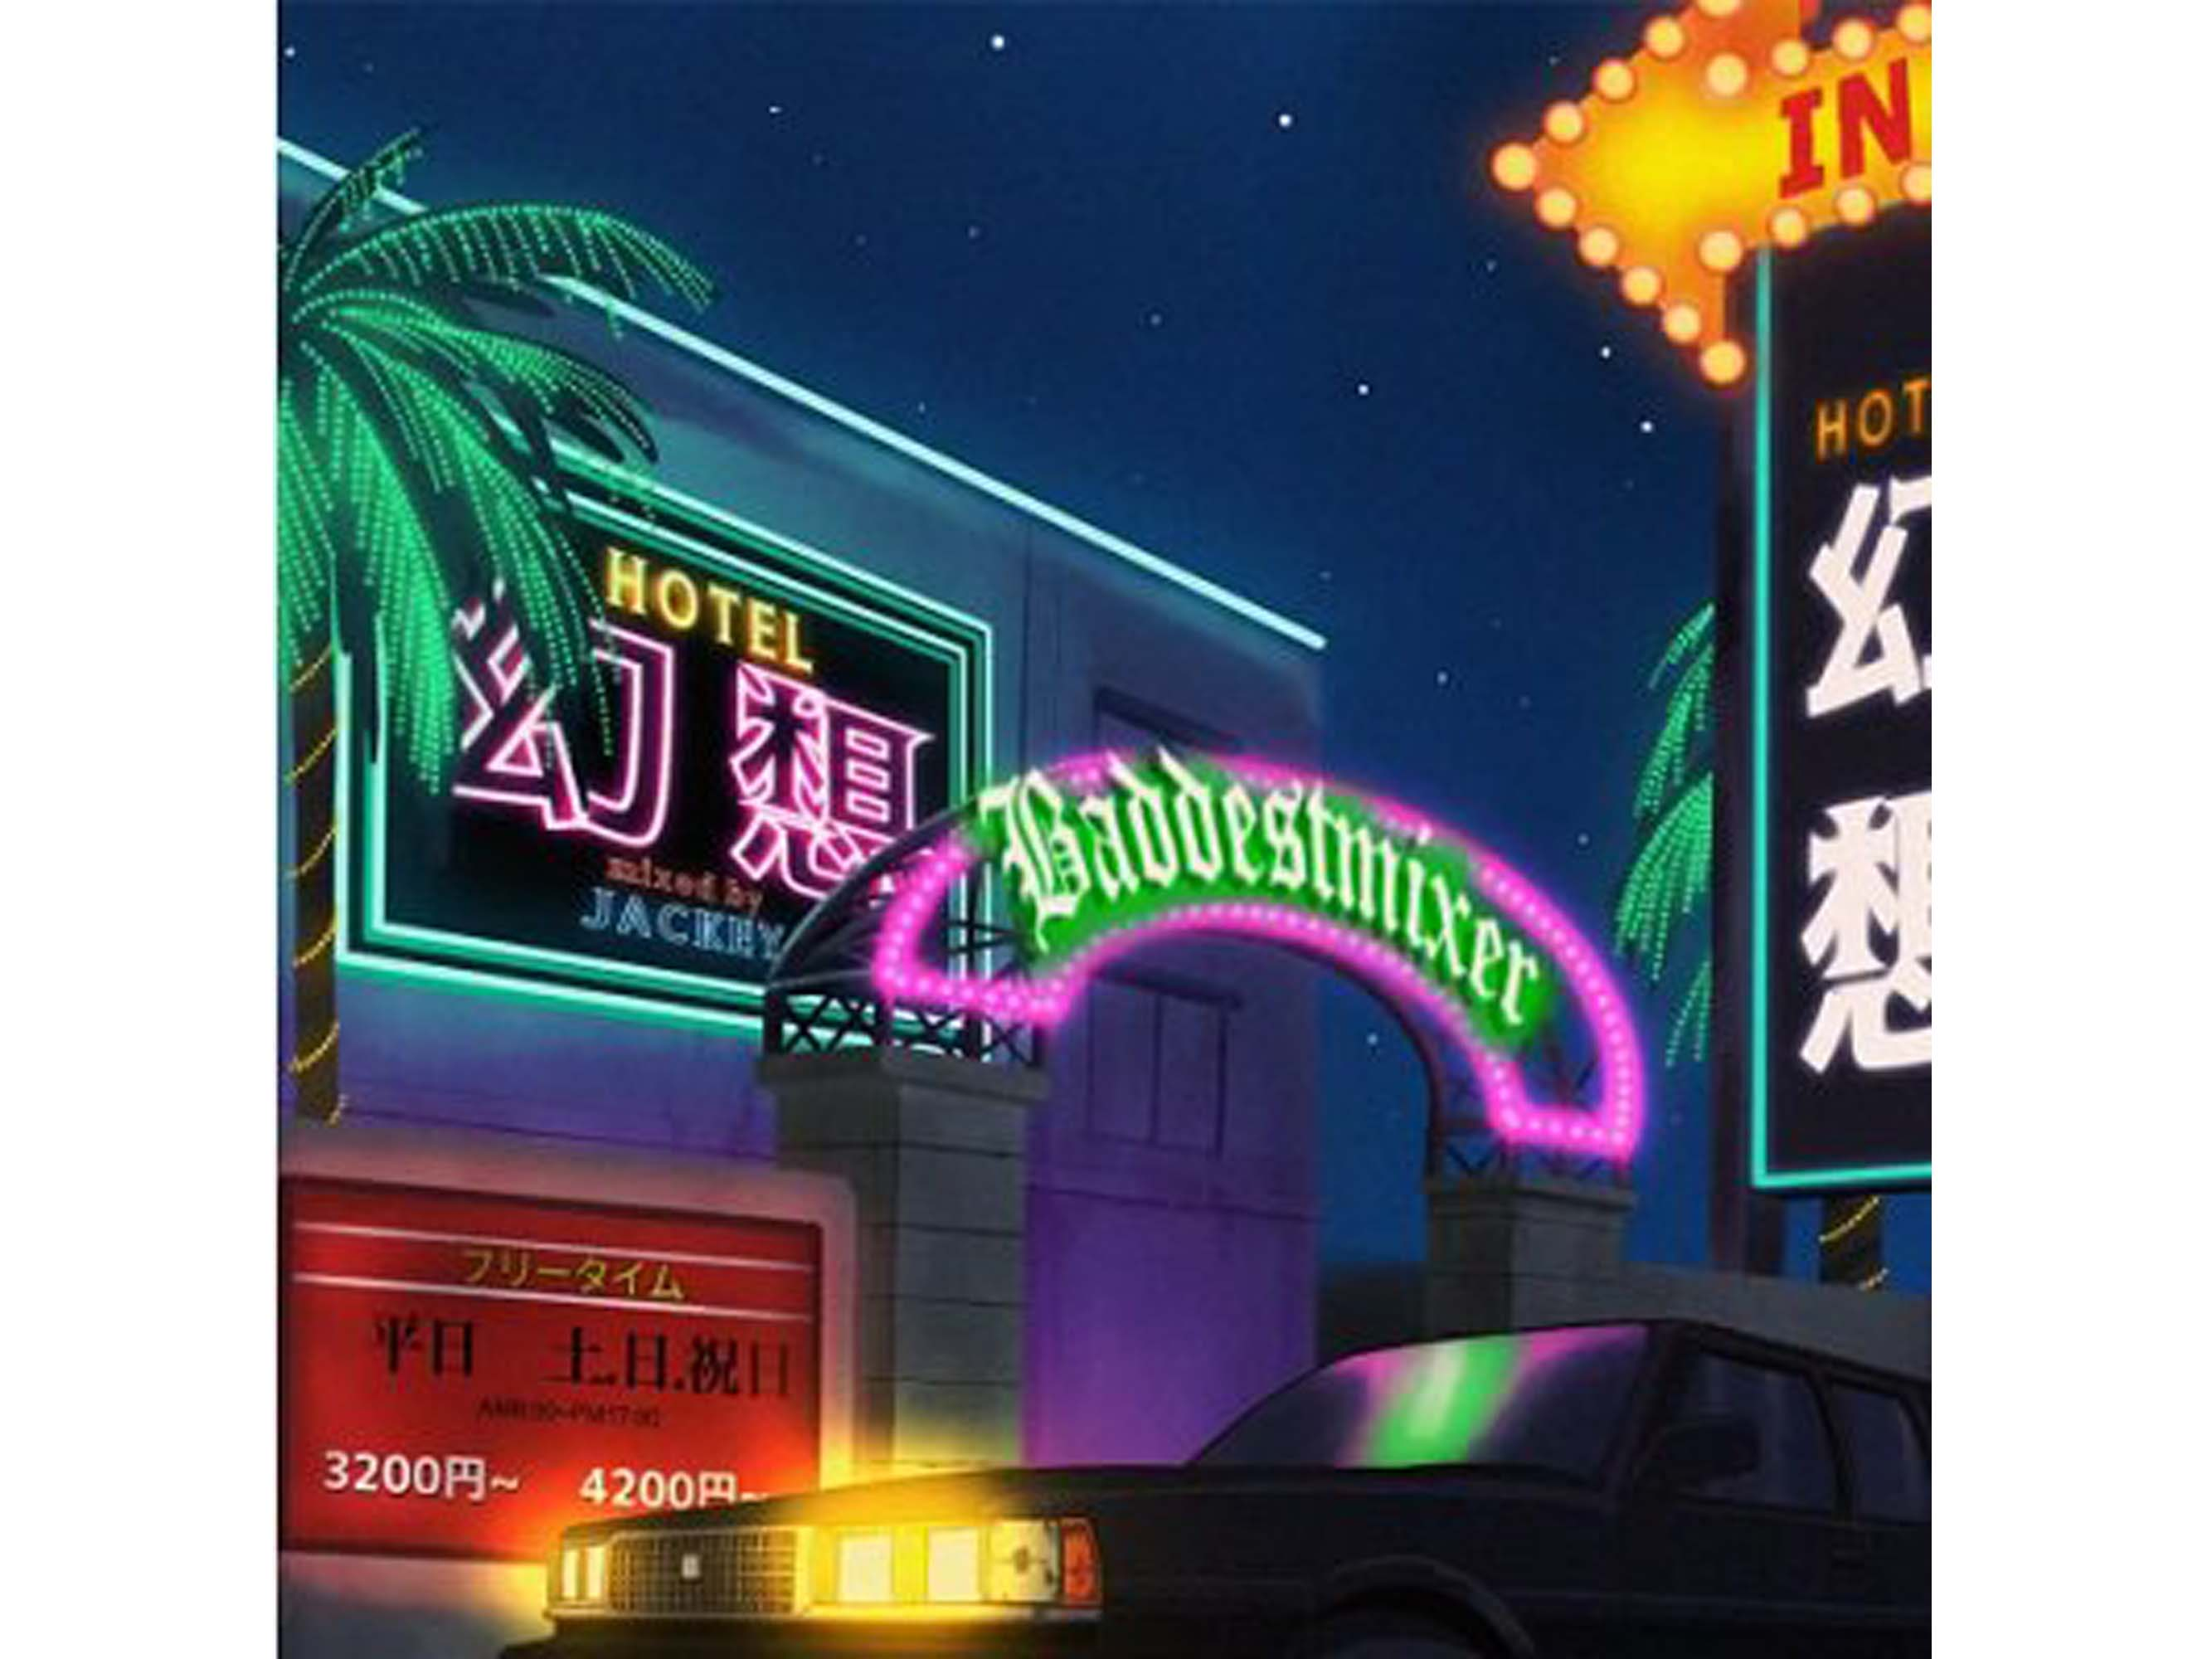 """HOTEL 幻想 """"ILLUSION MIX"""" - EMPEROR"""